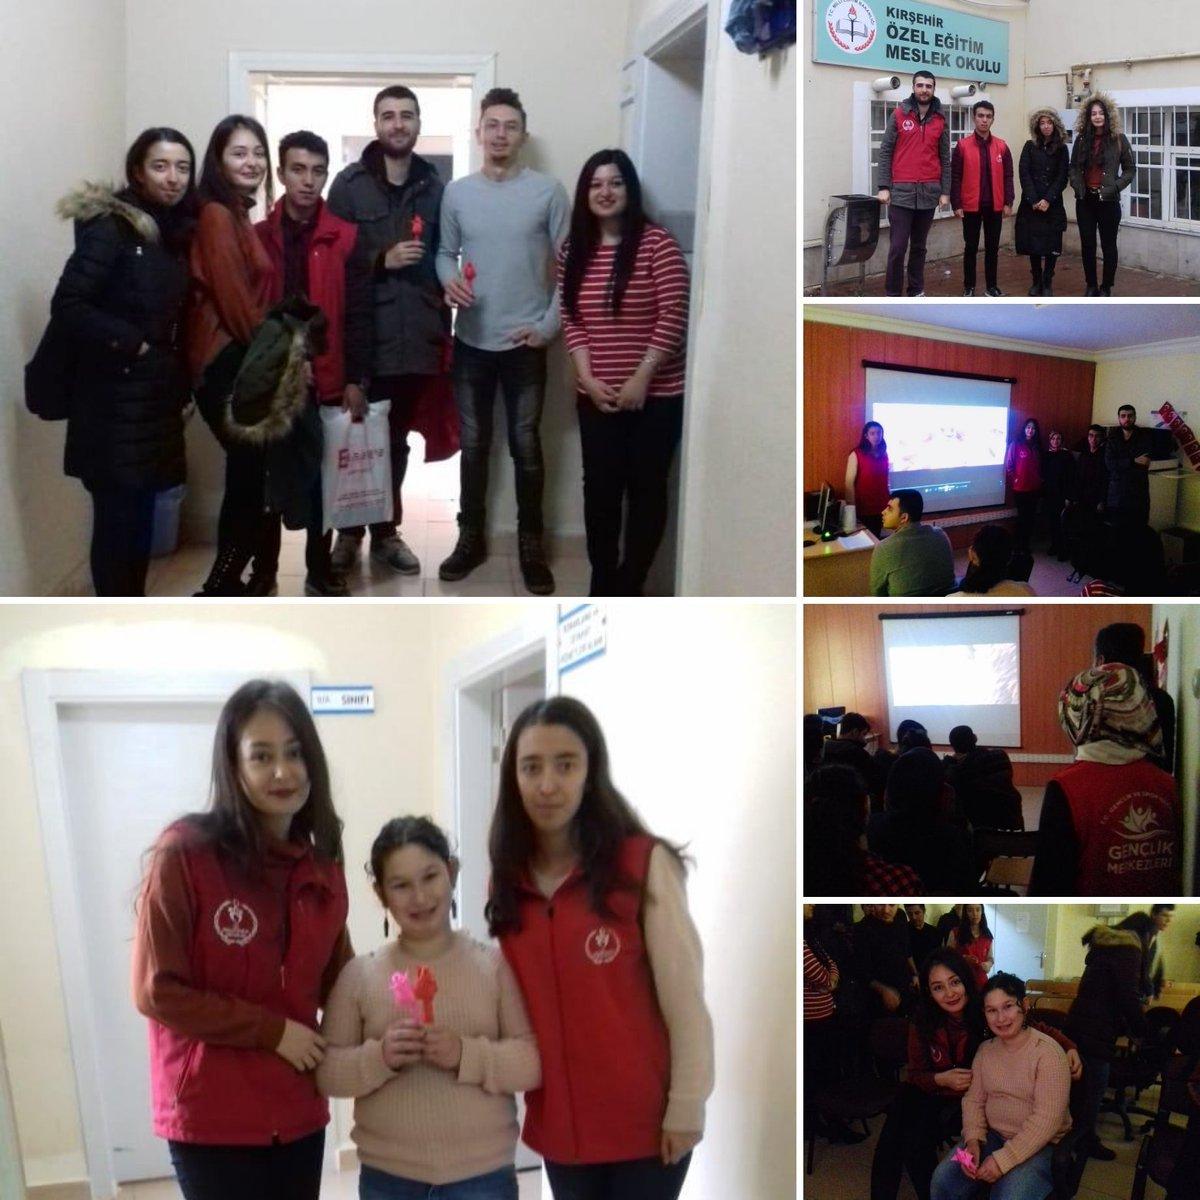 Kırşehir Gençlik Ve Spor Il Müdürlüğü On Twitter Mucur Gençlik